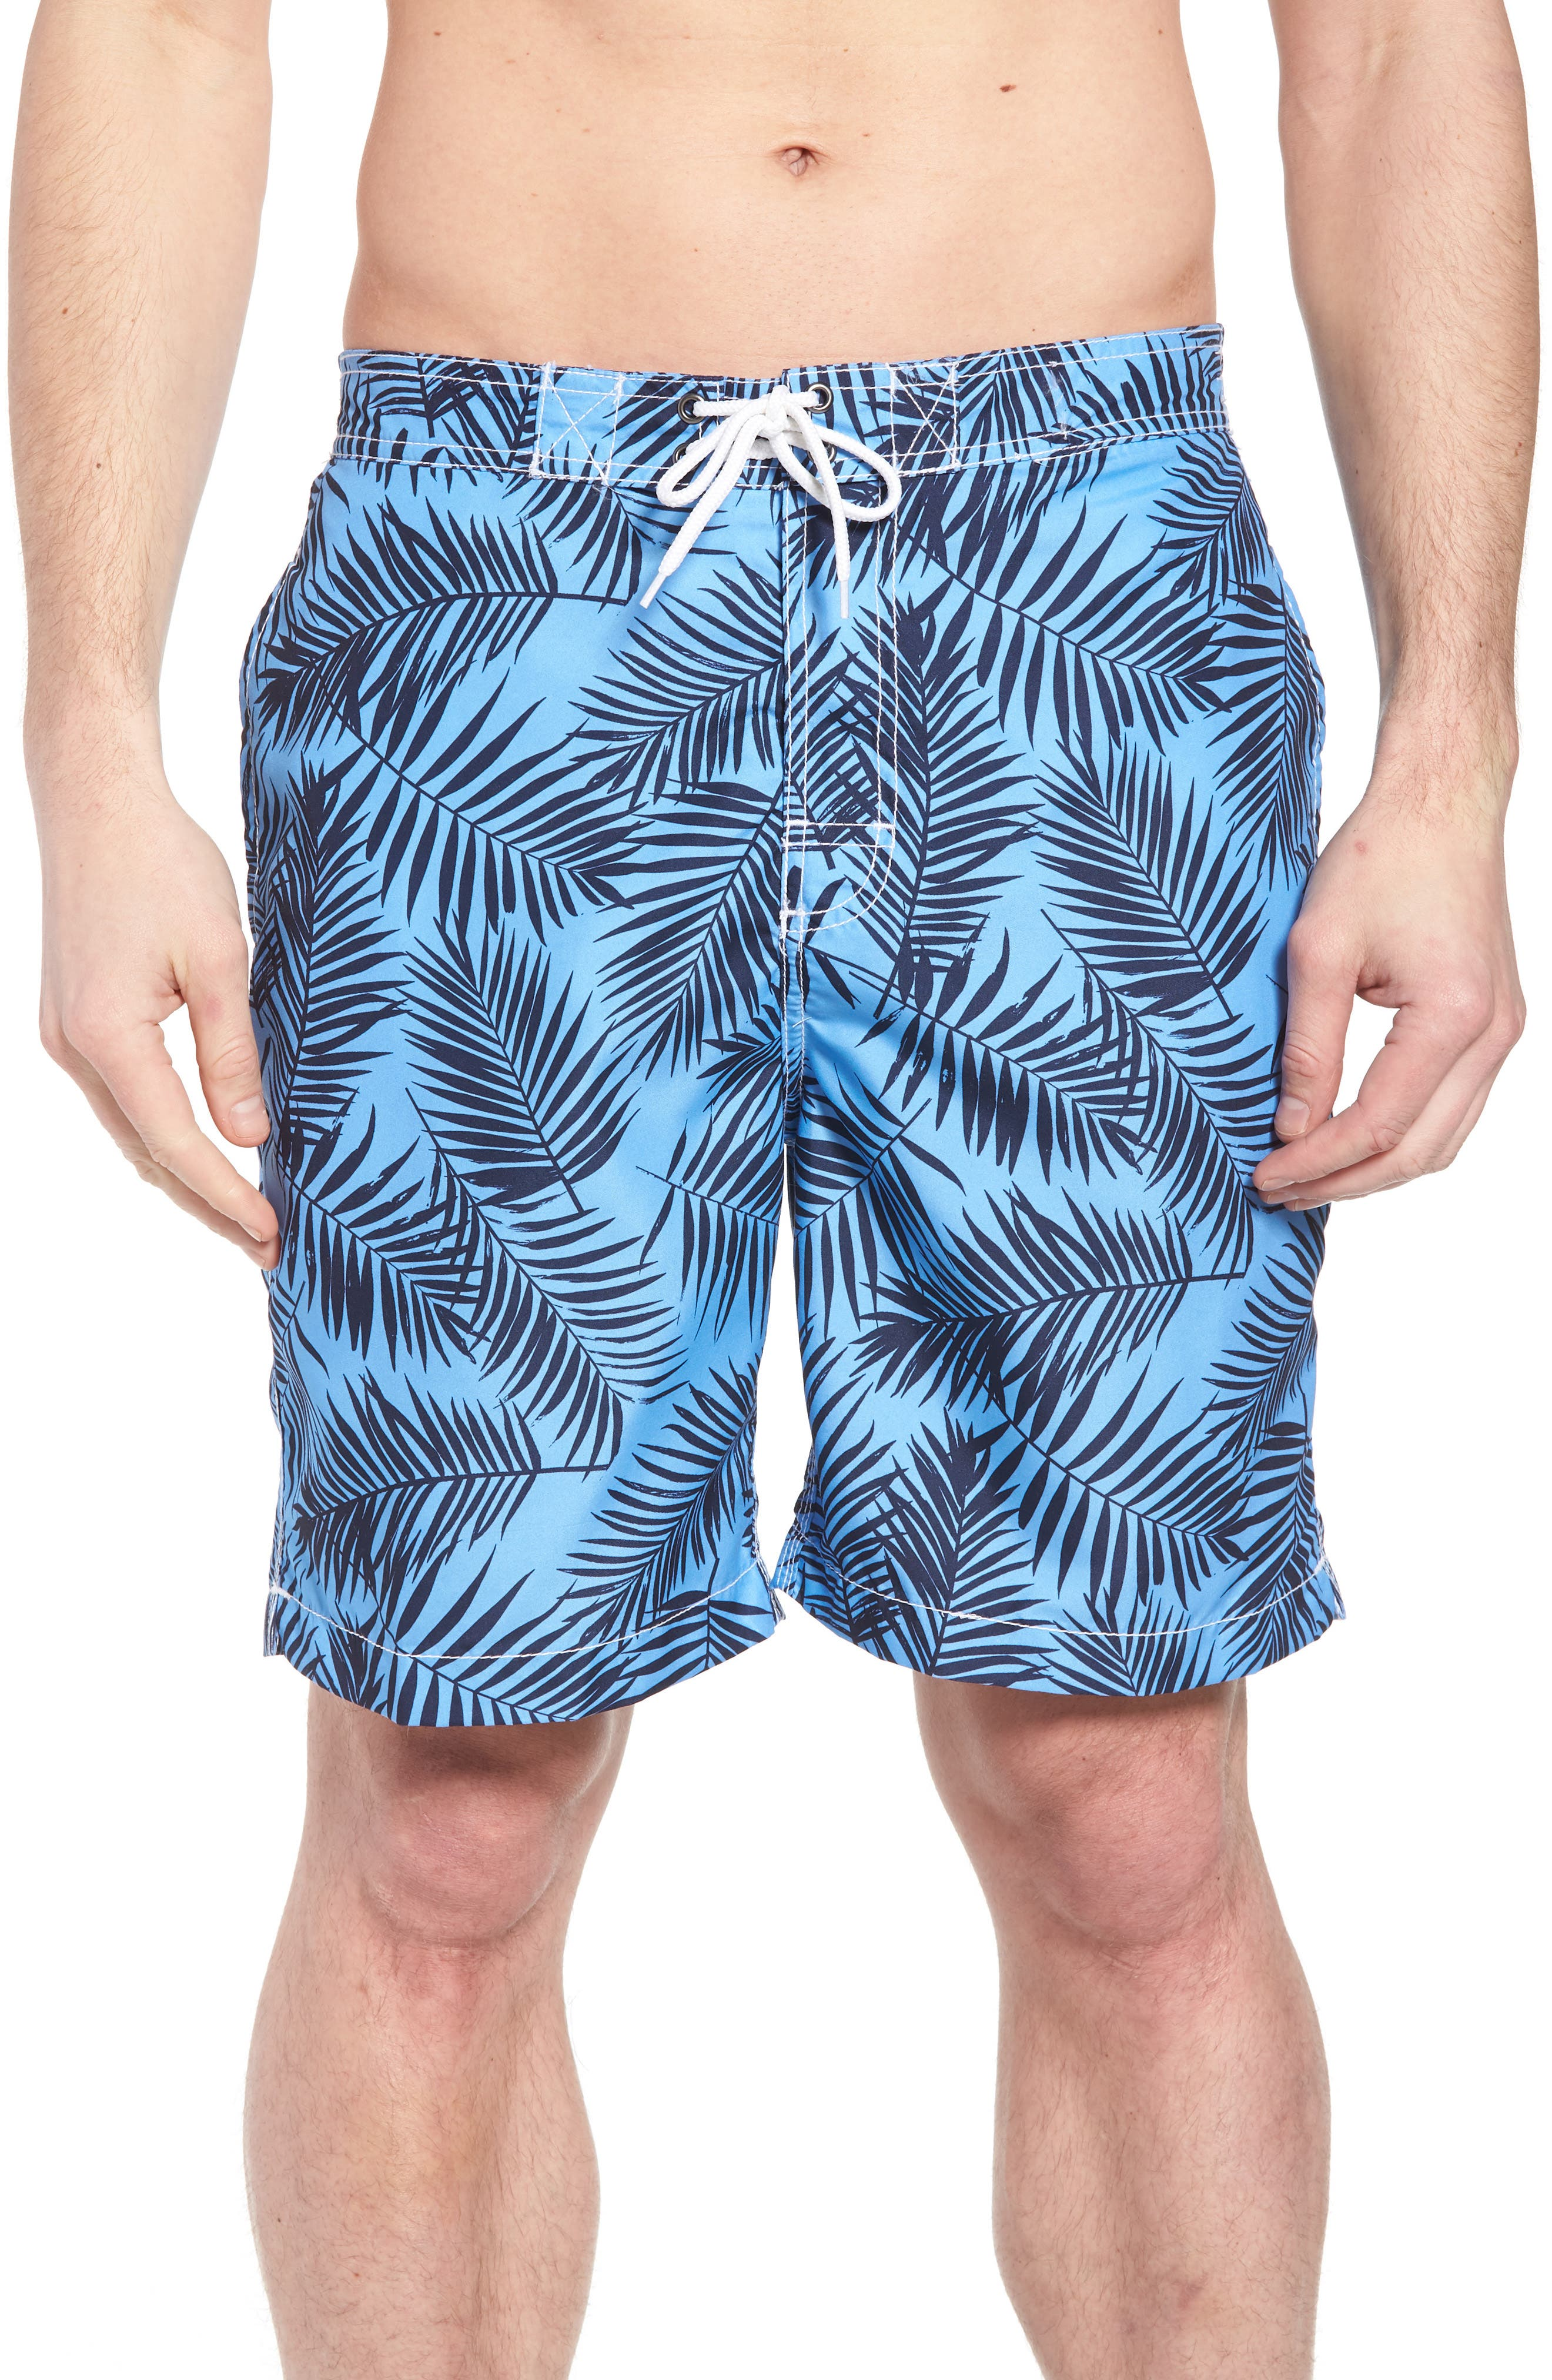 Swami Tropical Island Board Shorts,                             Main thumbnail 1, color,                             461